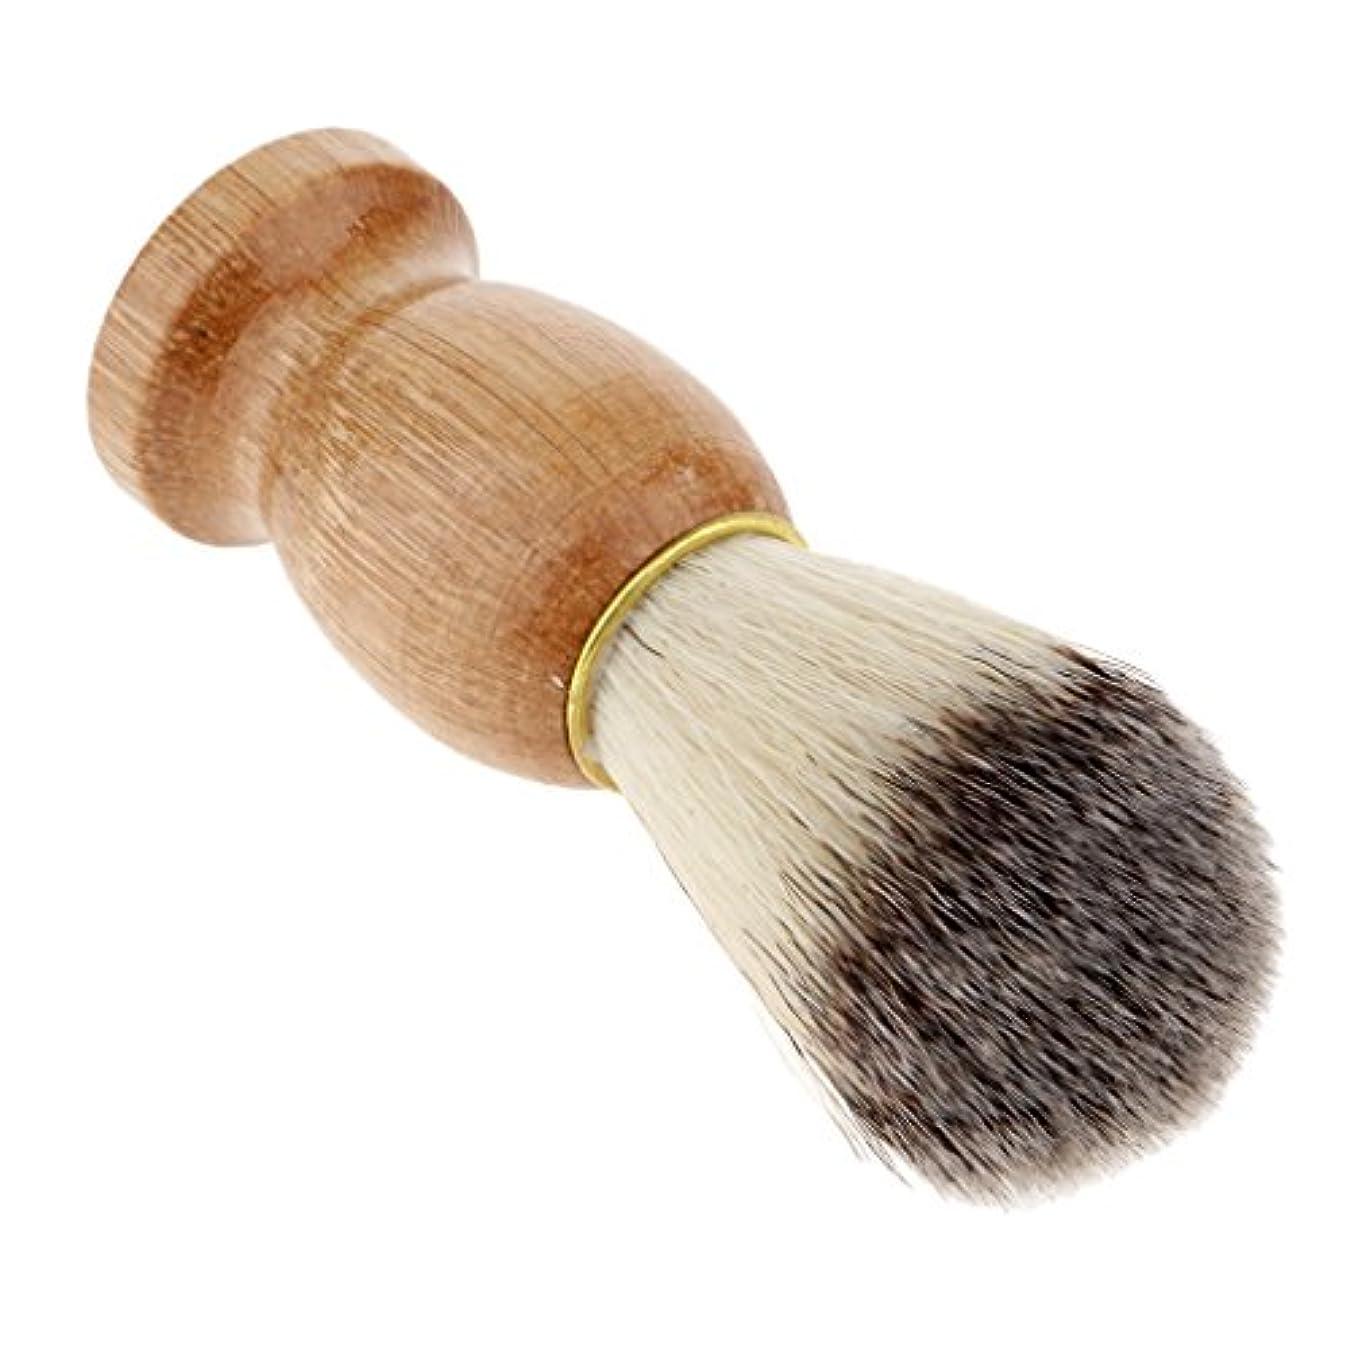 ふつうスクラッチ階層人毛ひげの切断の塵の浄化のための木製のハンドルの剛毛の剃るブラシ